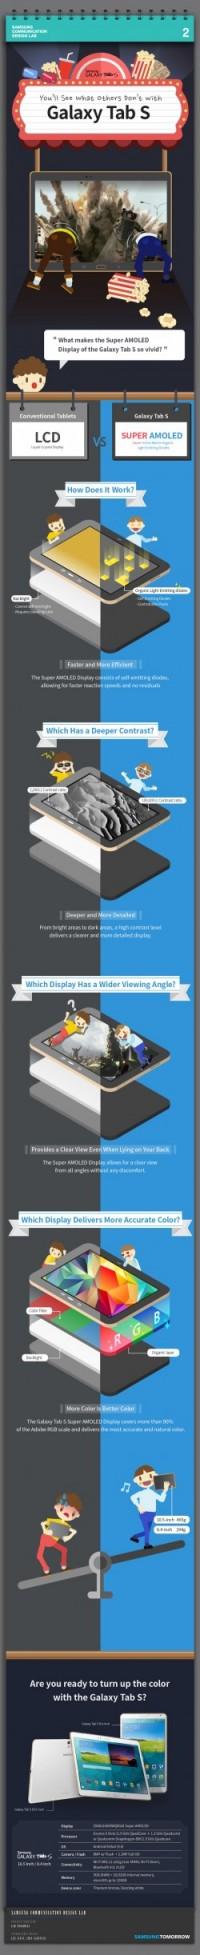 Samsung erklärt mittels Infografiken das Super-AMOLED-Display vom Galaxy Tab  S